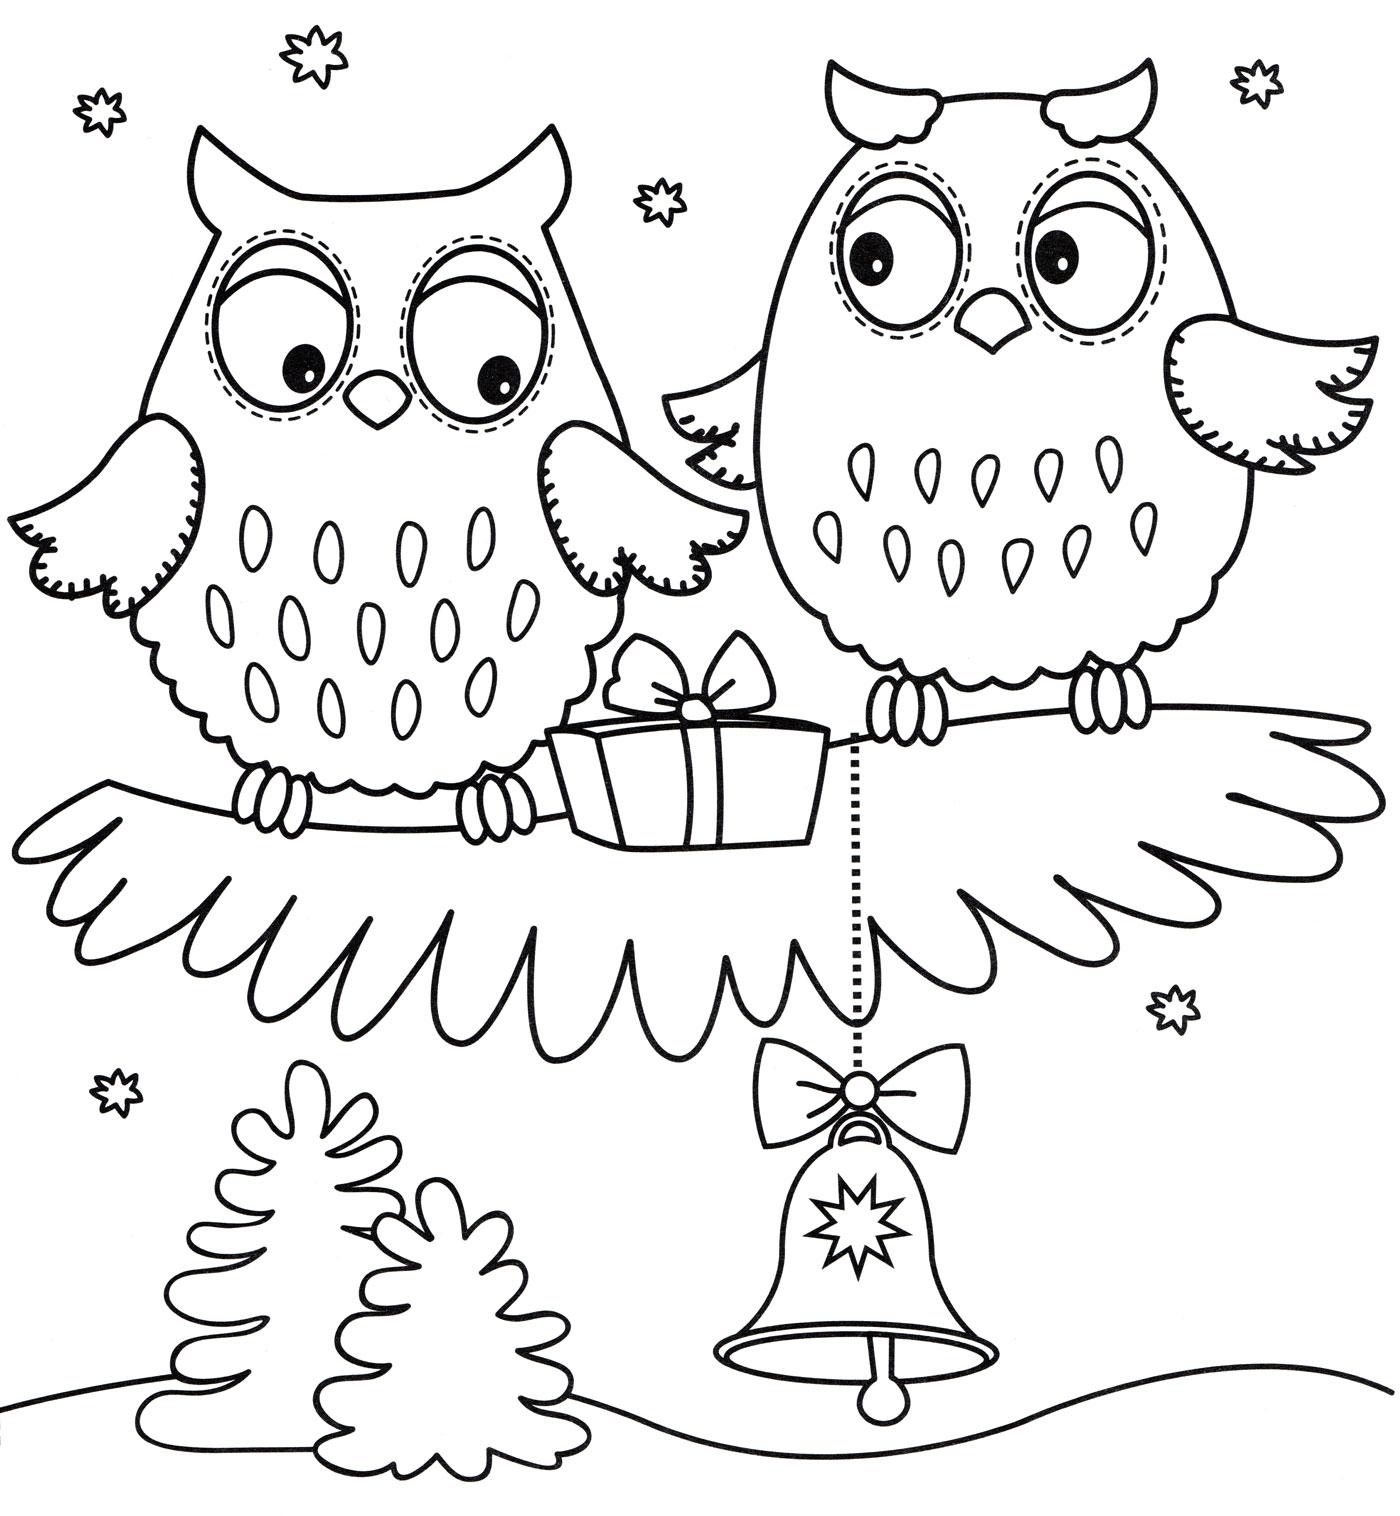 Раскраска Новогодние совы - распечатать бесплатно